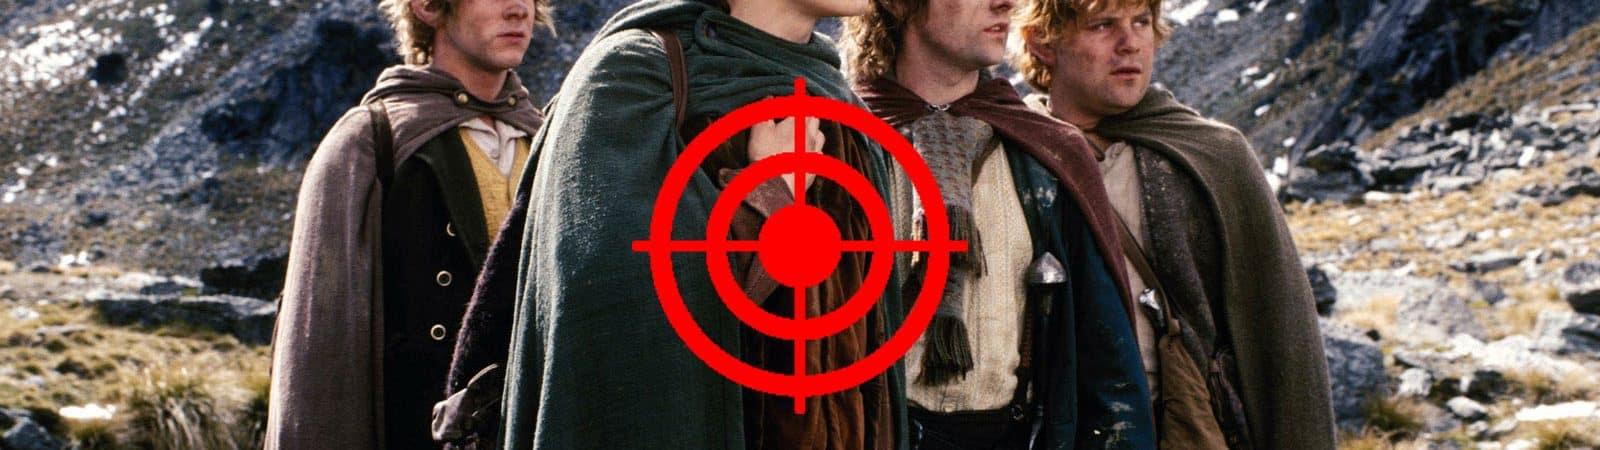 Imagem mostra os quatro hobbits da trilogia cinematográfica 'O Senhor dos Anéis', com um alvo vermelho no centro da imagem